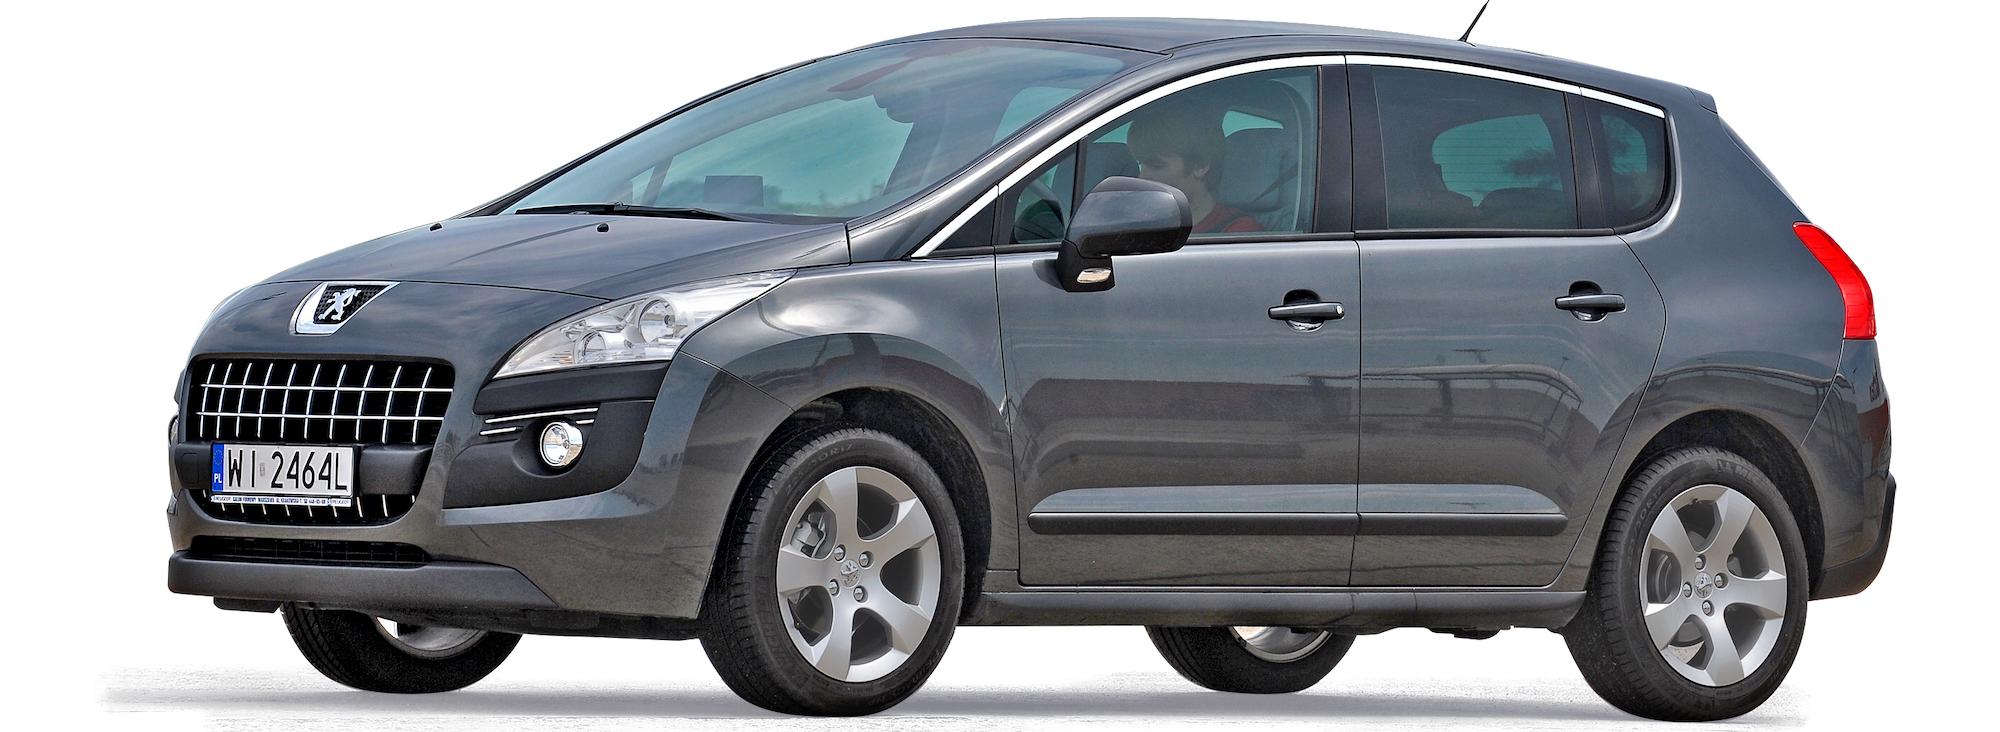 Peugeot 3008 I(2009-2016)